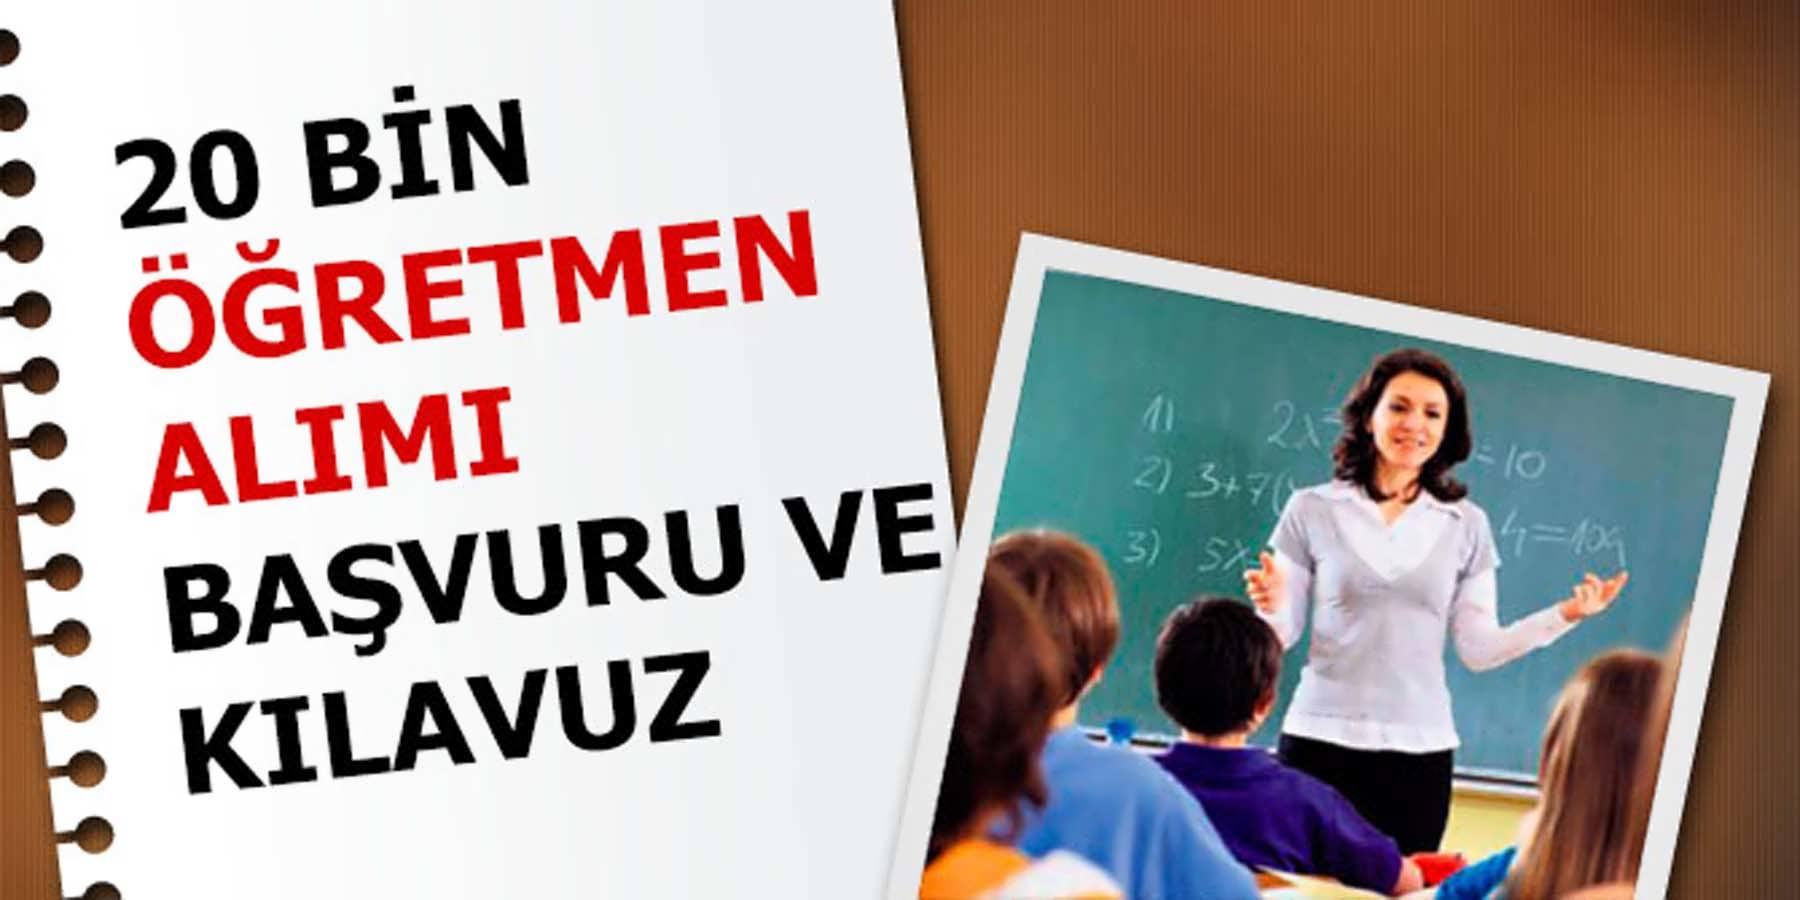 Milli Eğitim Bakanlığı 20 bin Öğretmen Alımı